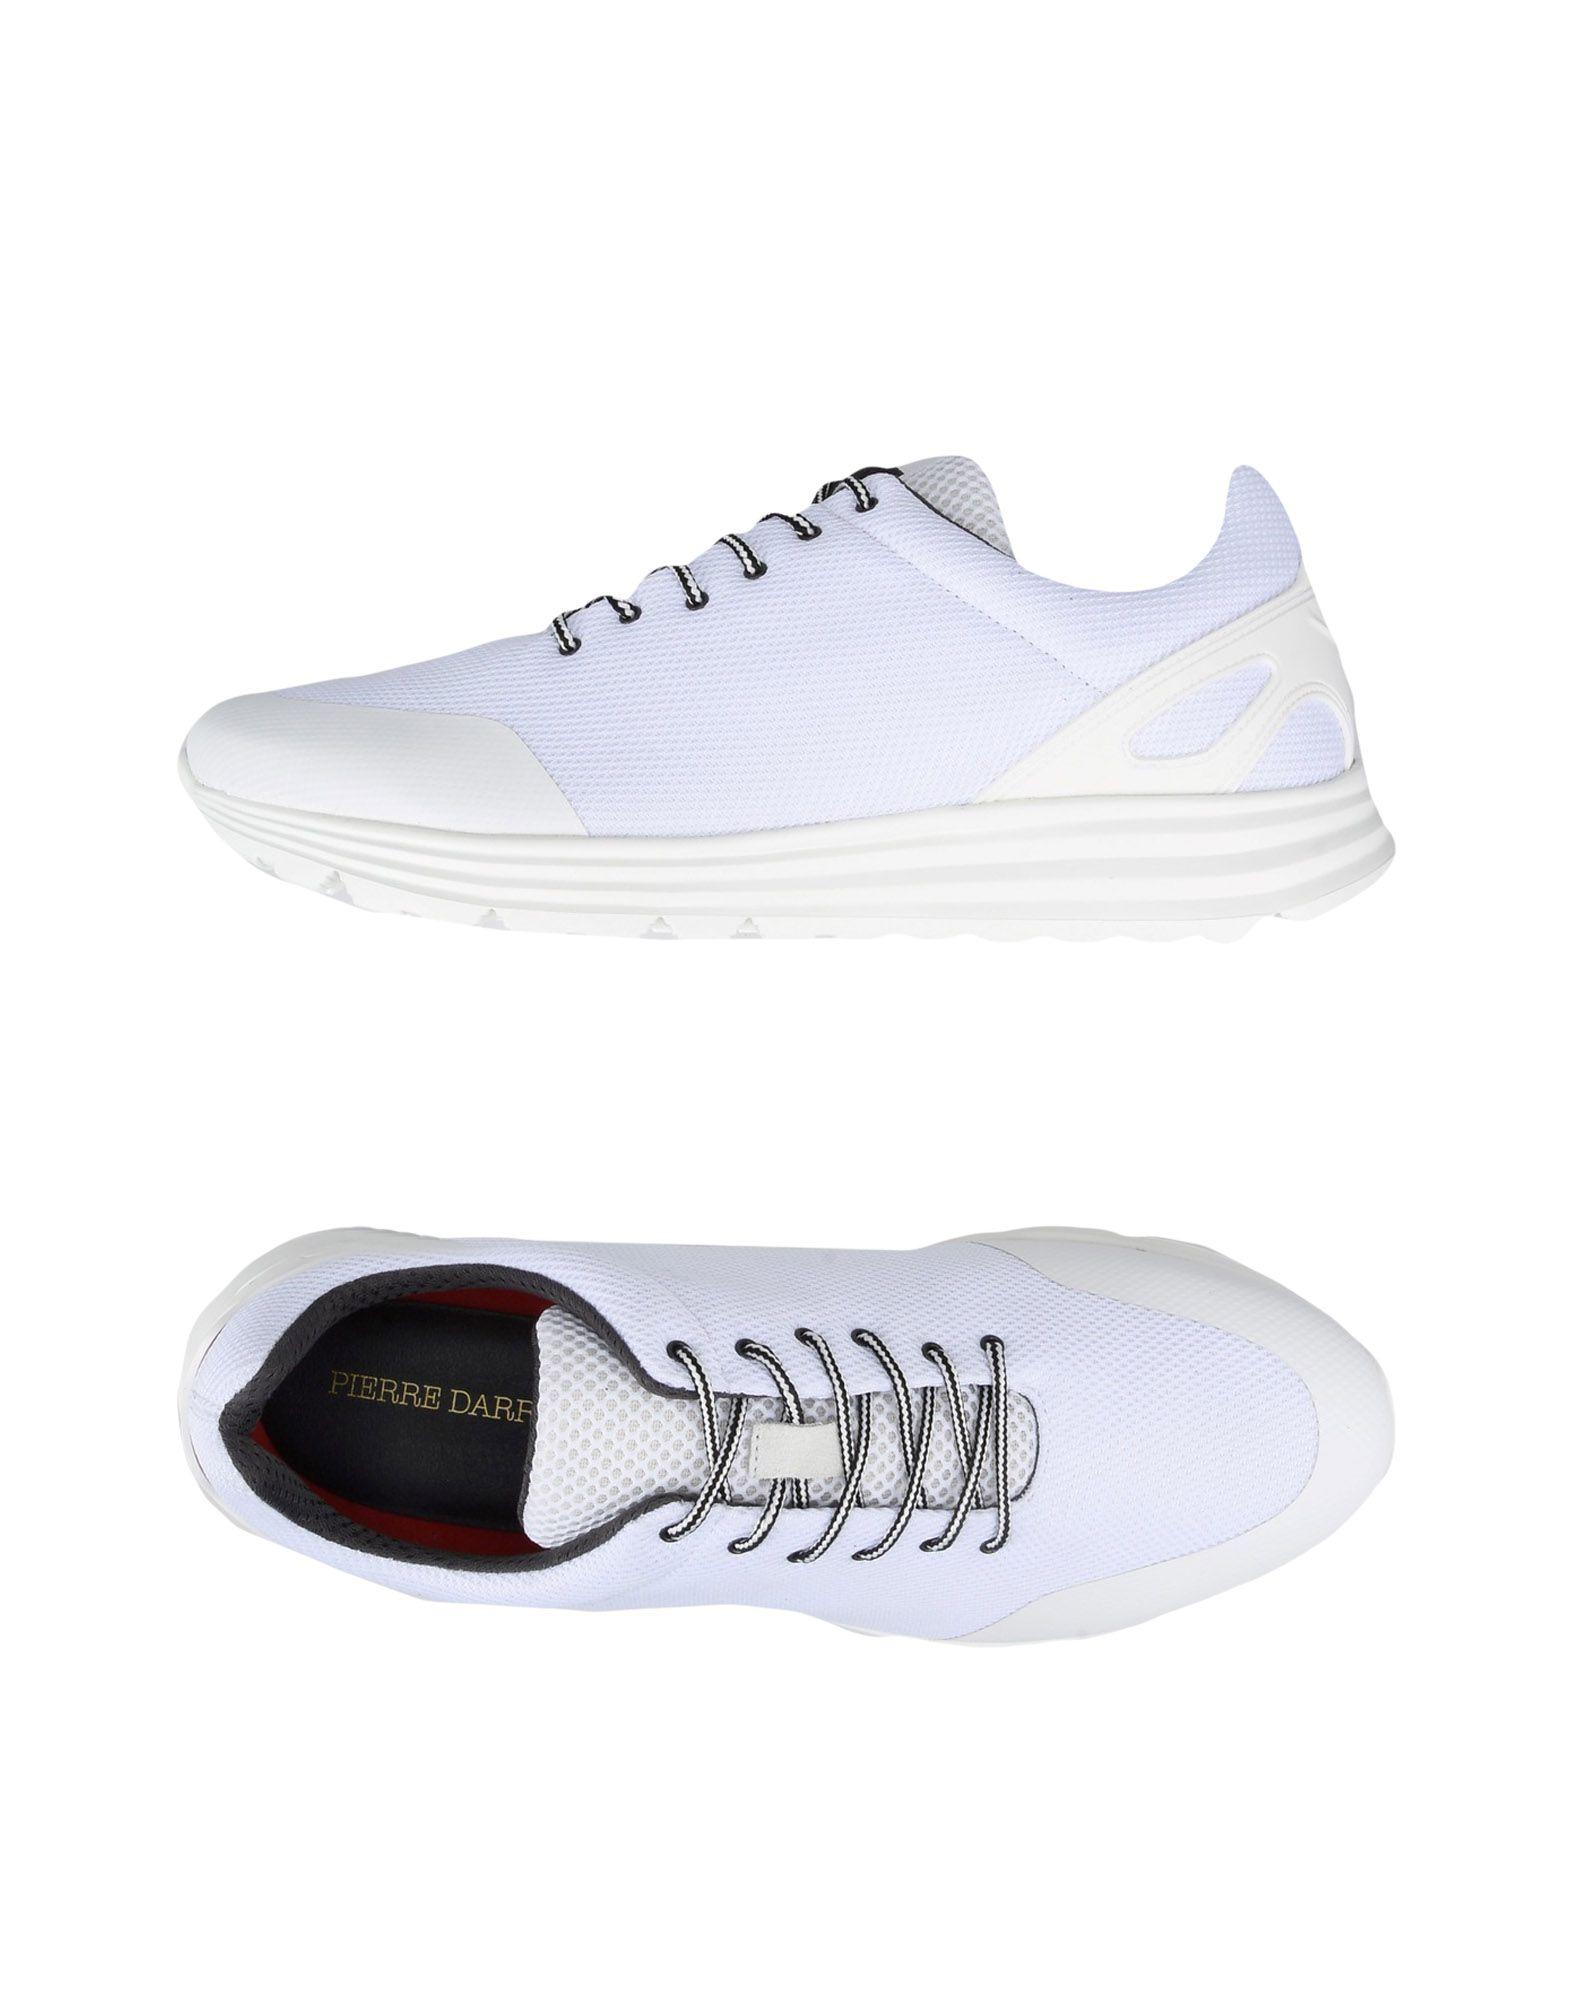 Rabatt echte Schuhe Pierre Darré Sneakers Herren  11228765BA